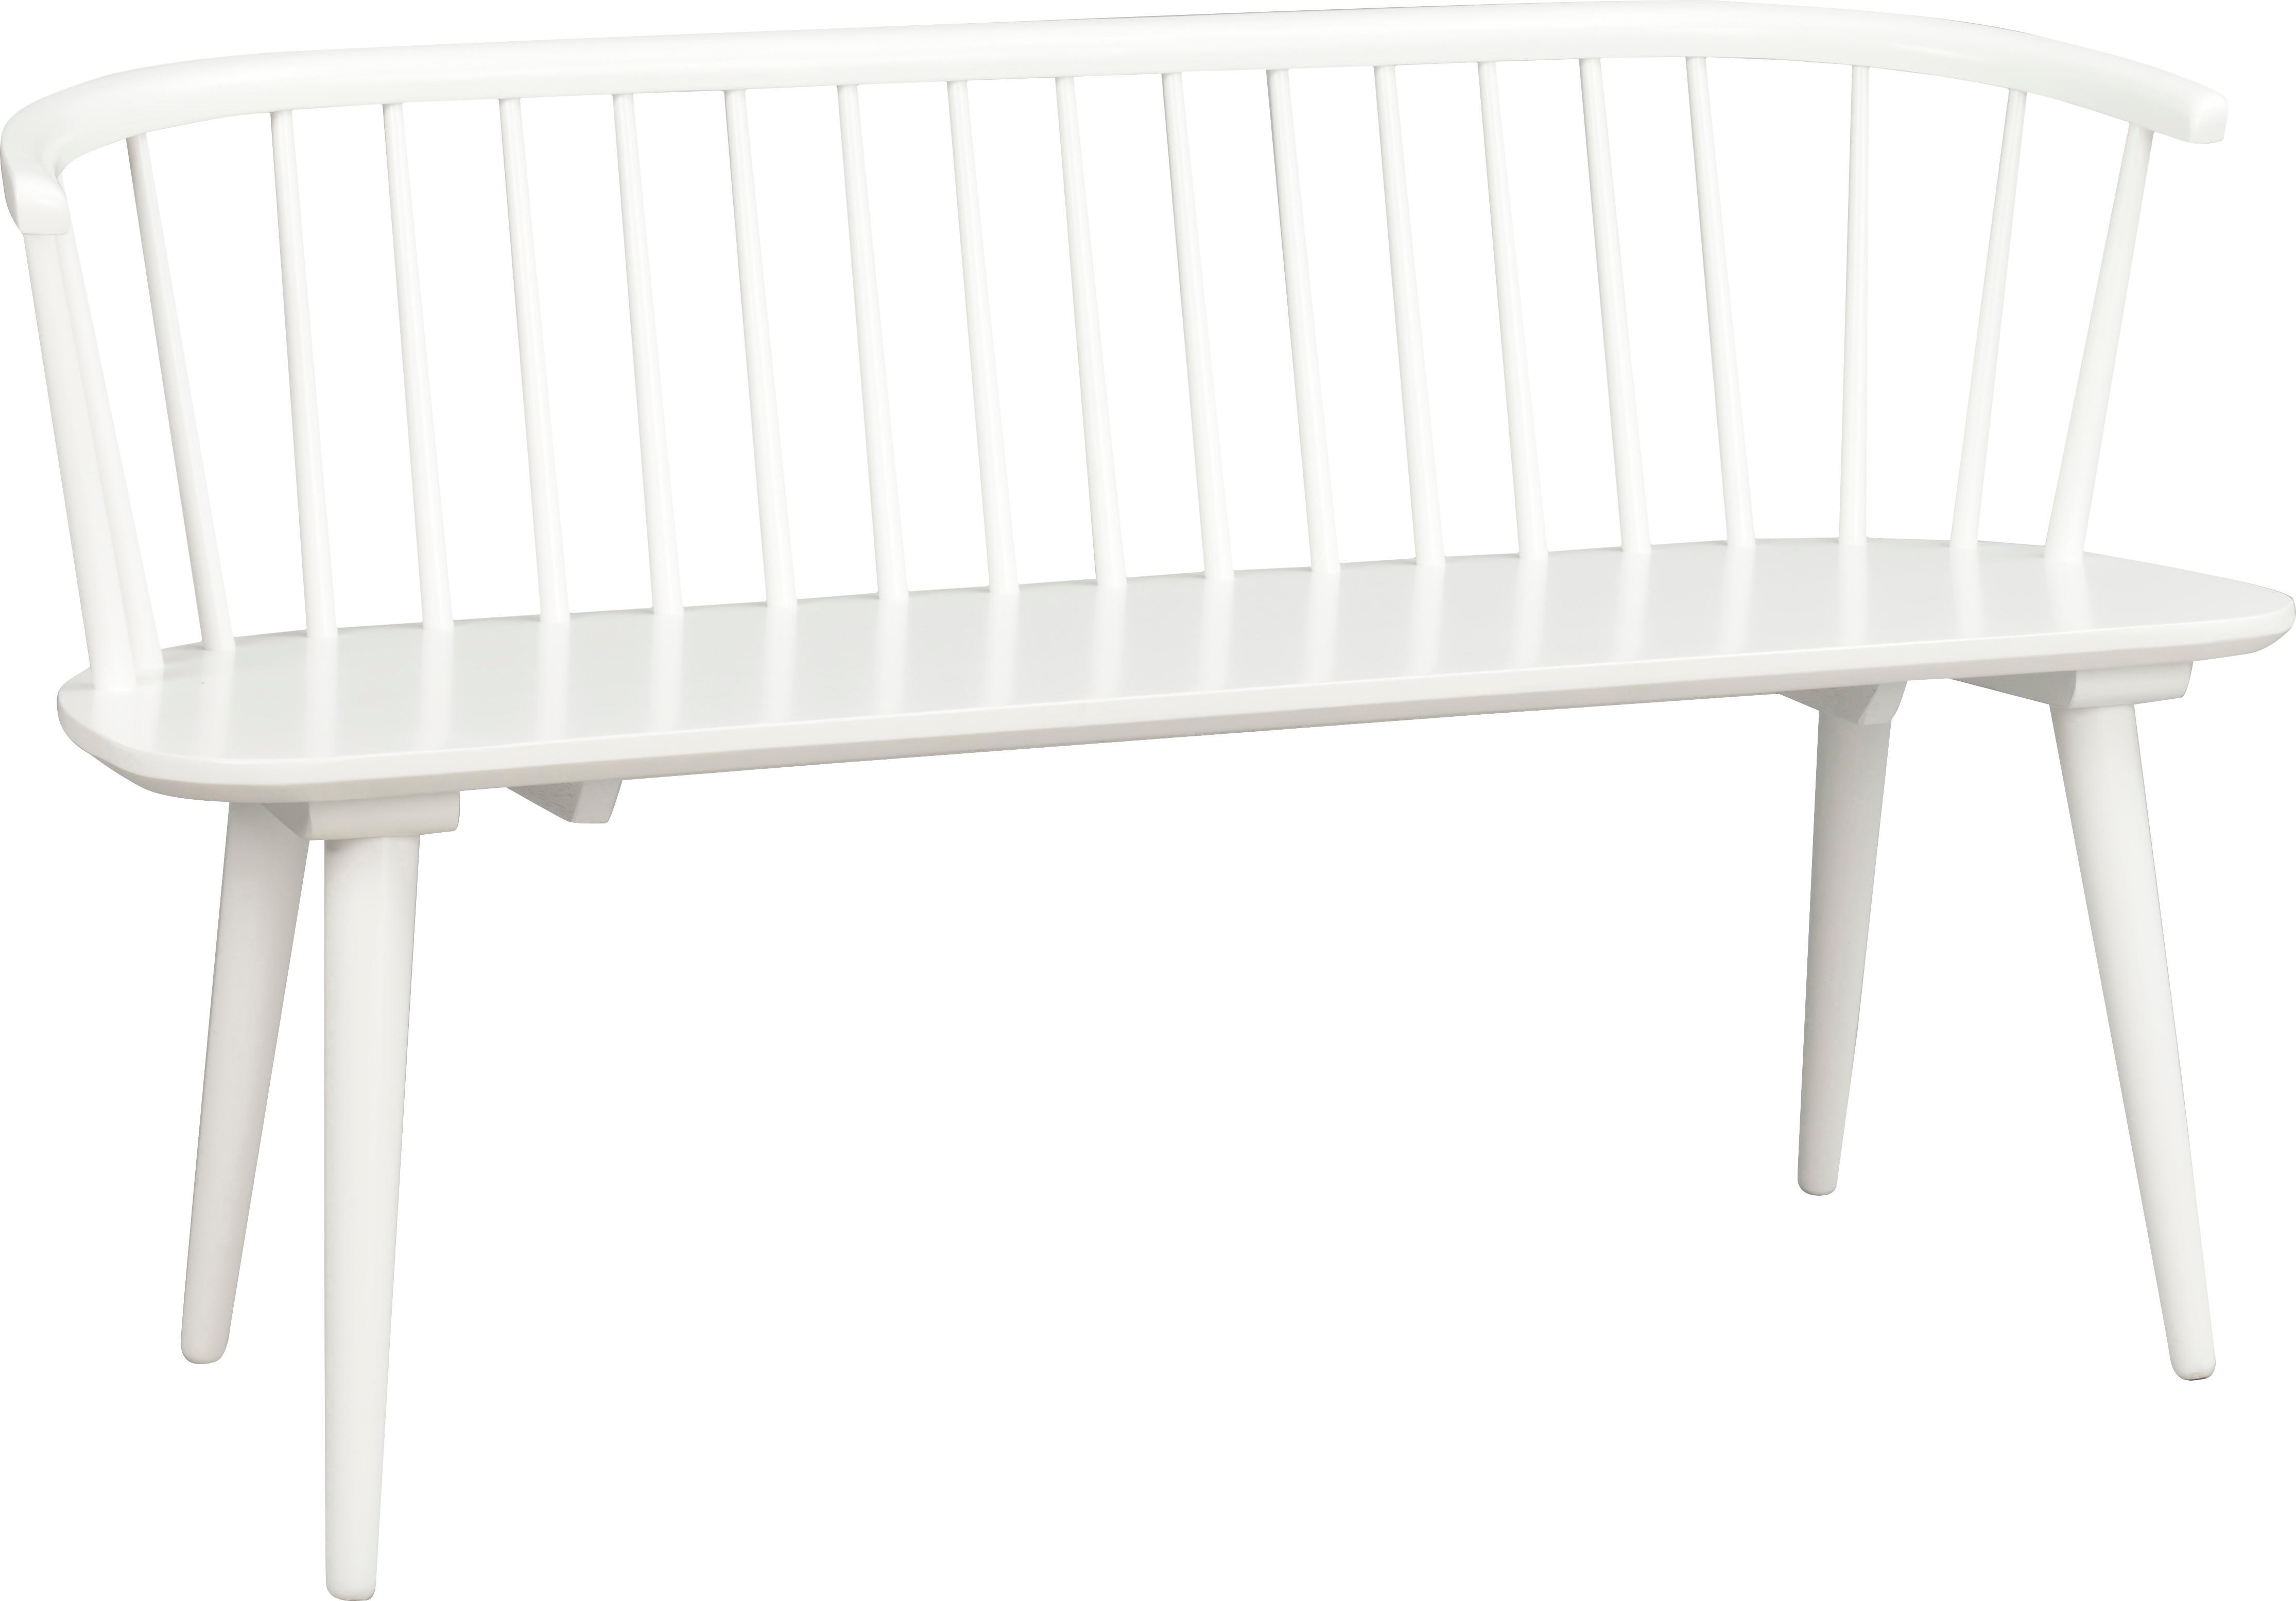 Panca in legno bianco Carmen, Legno di caucciù massiccio verniciato, Bianco, Larg. 134 x Alt. 76 cm